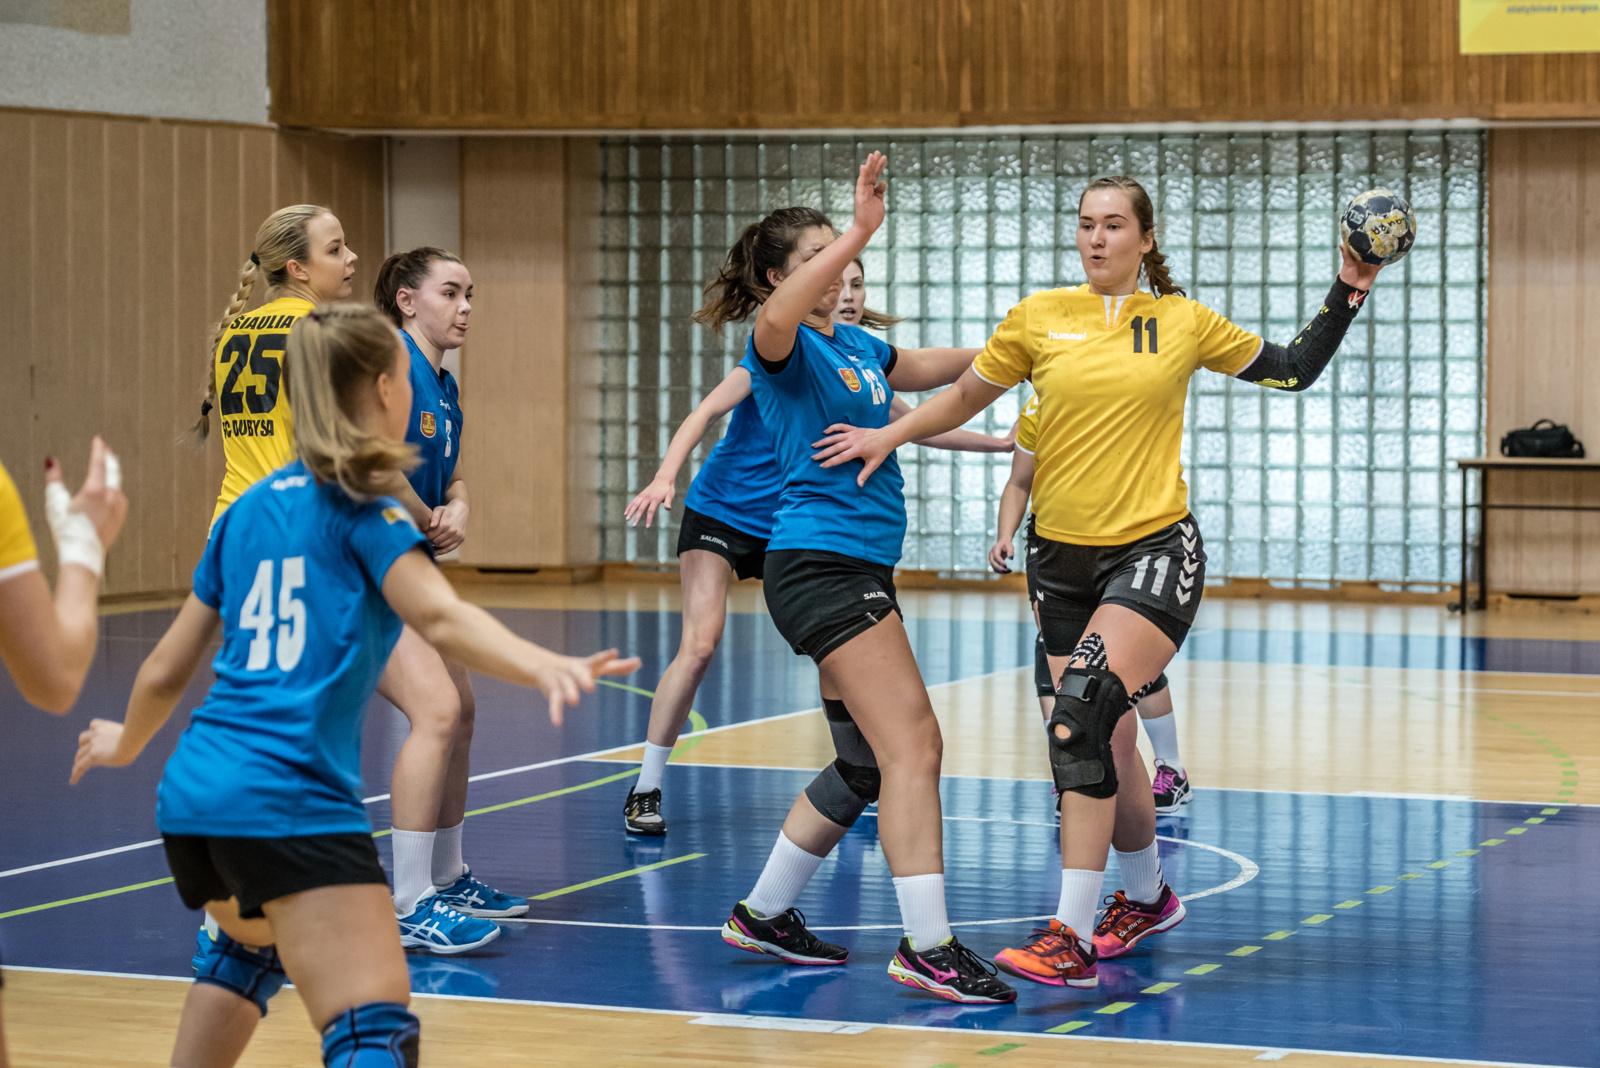 2019–2020 m. Lietuvos moterų rankinio čempionato I-osios lygos finalinės varžybos